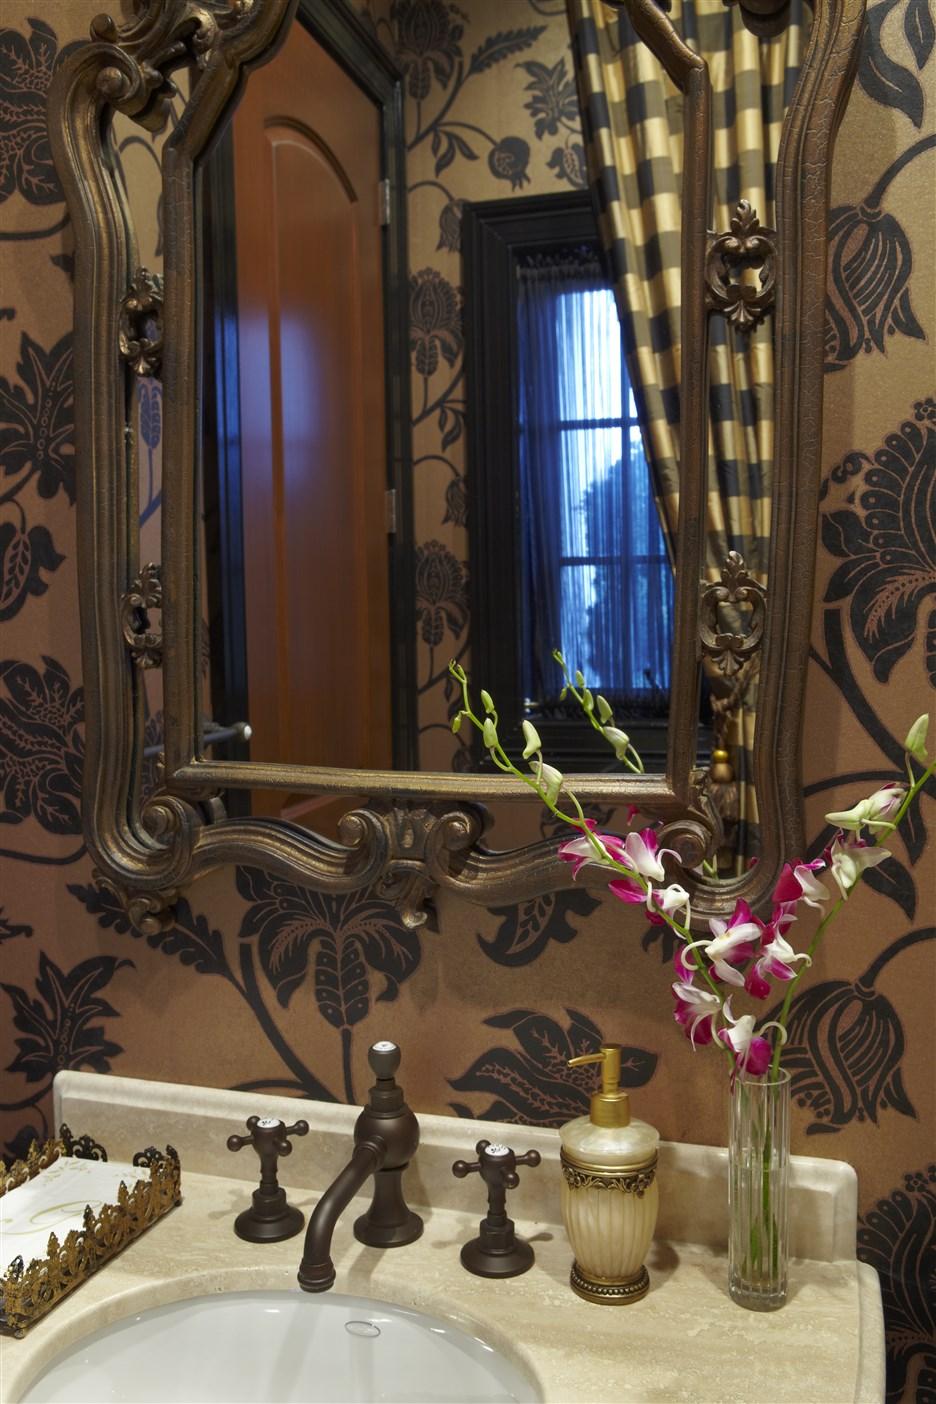 Golden-Bathroom-2-936-x-1404.jpg